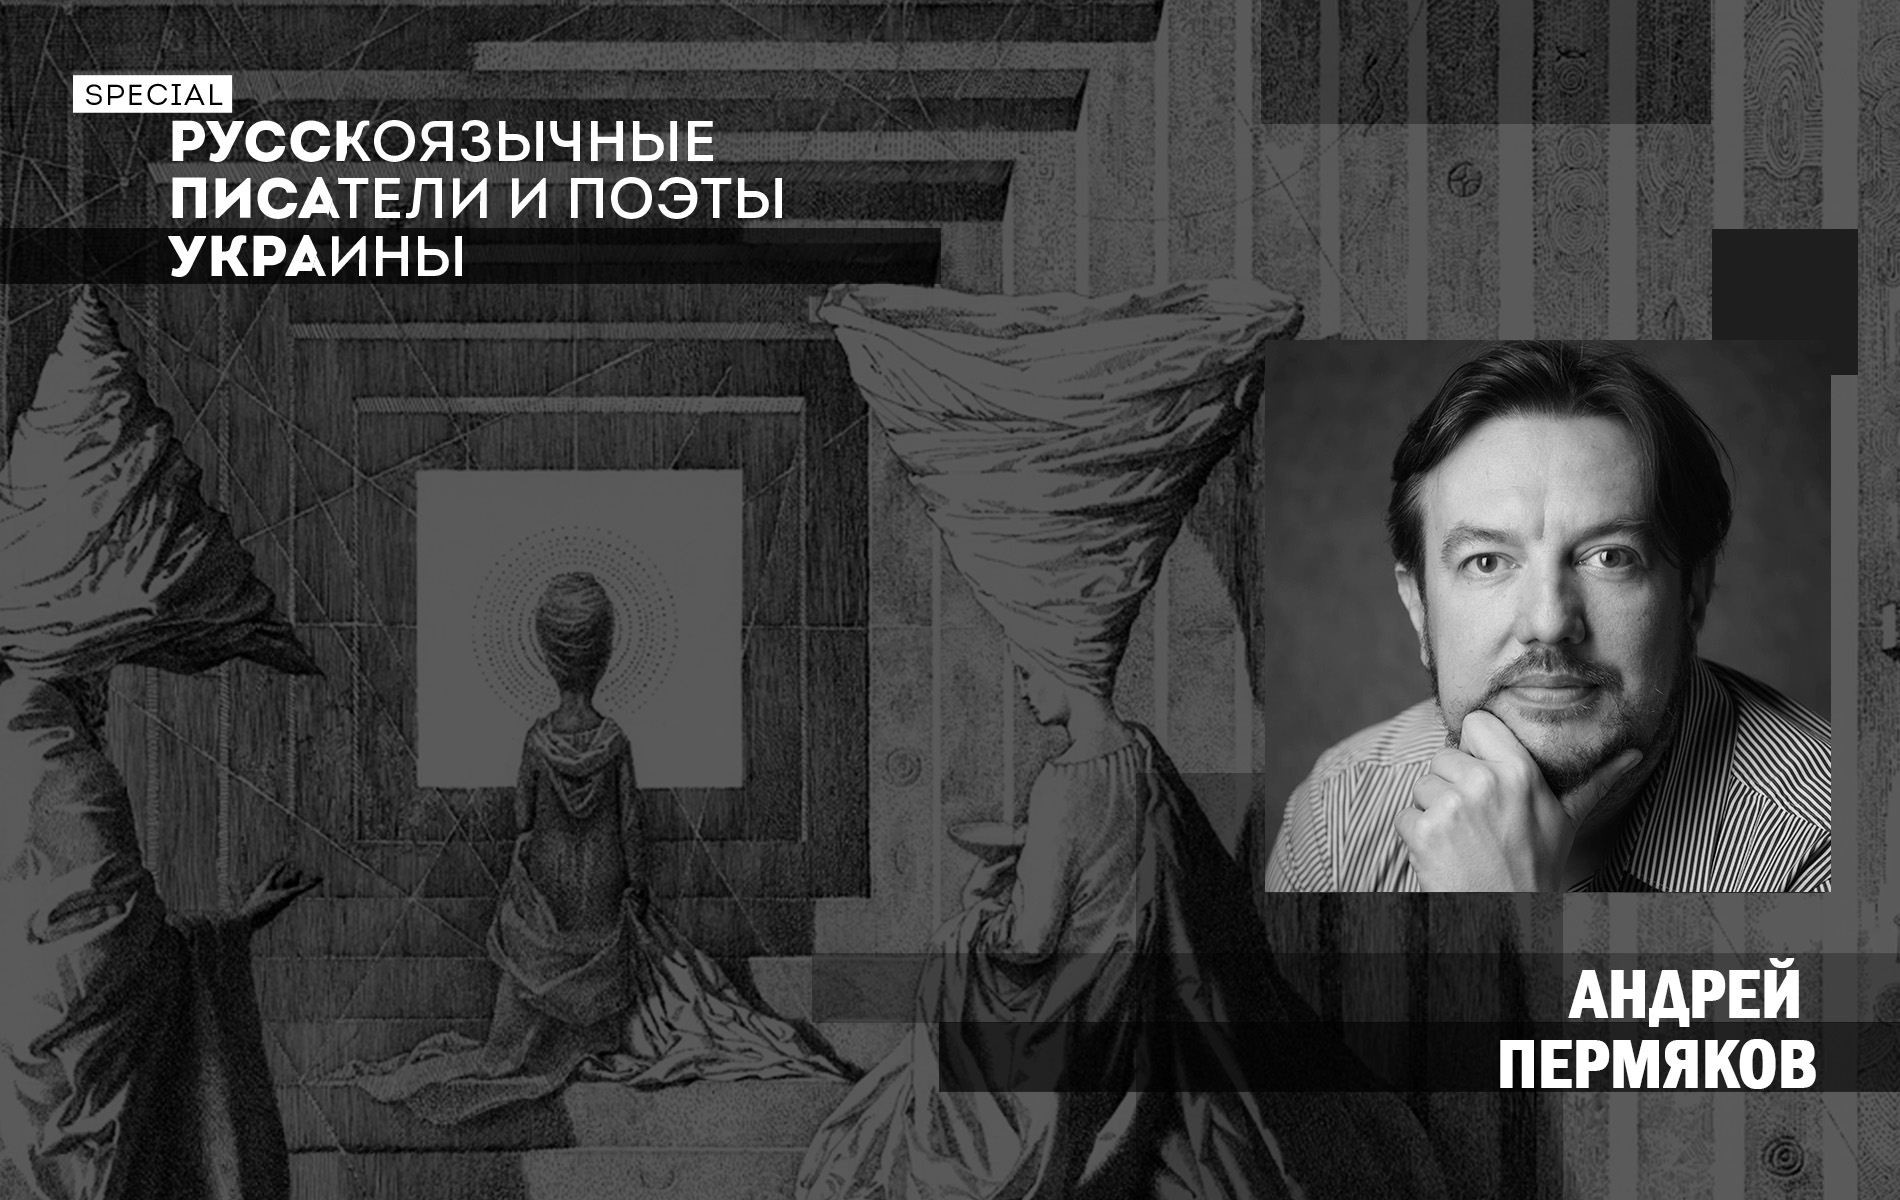 РУССКОЯЗЫЧНЫЕ ПИСАТЕЛИ И ПОЭТЫ УКРАИНЫ: творческое досье Андрея Пермякова